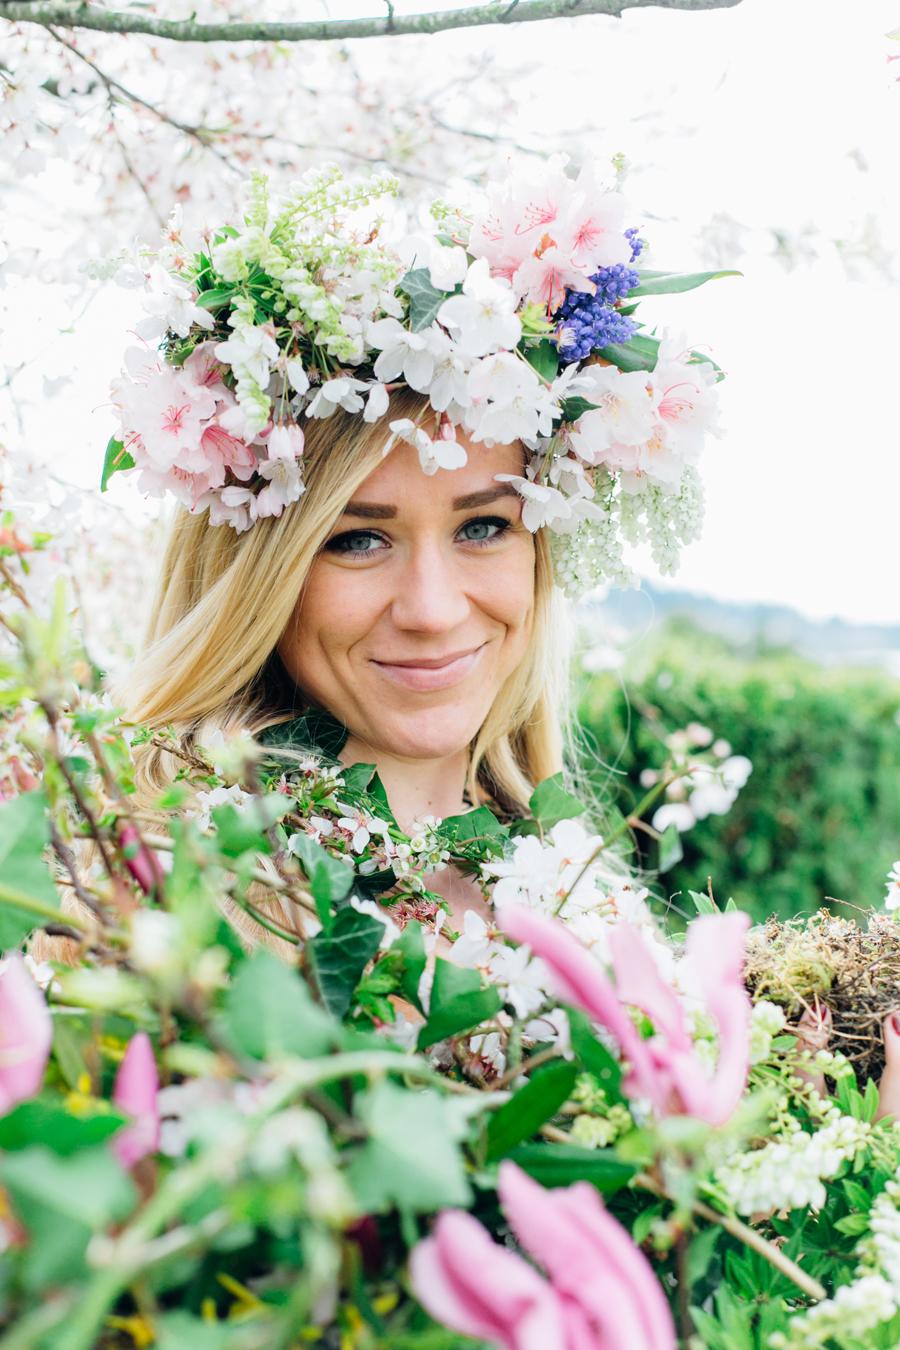 013-bellingham-stylized-flower-photographer-photo-pozie-by-natalie.jpg